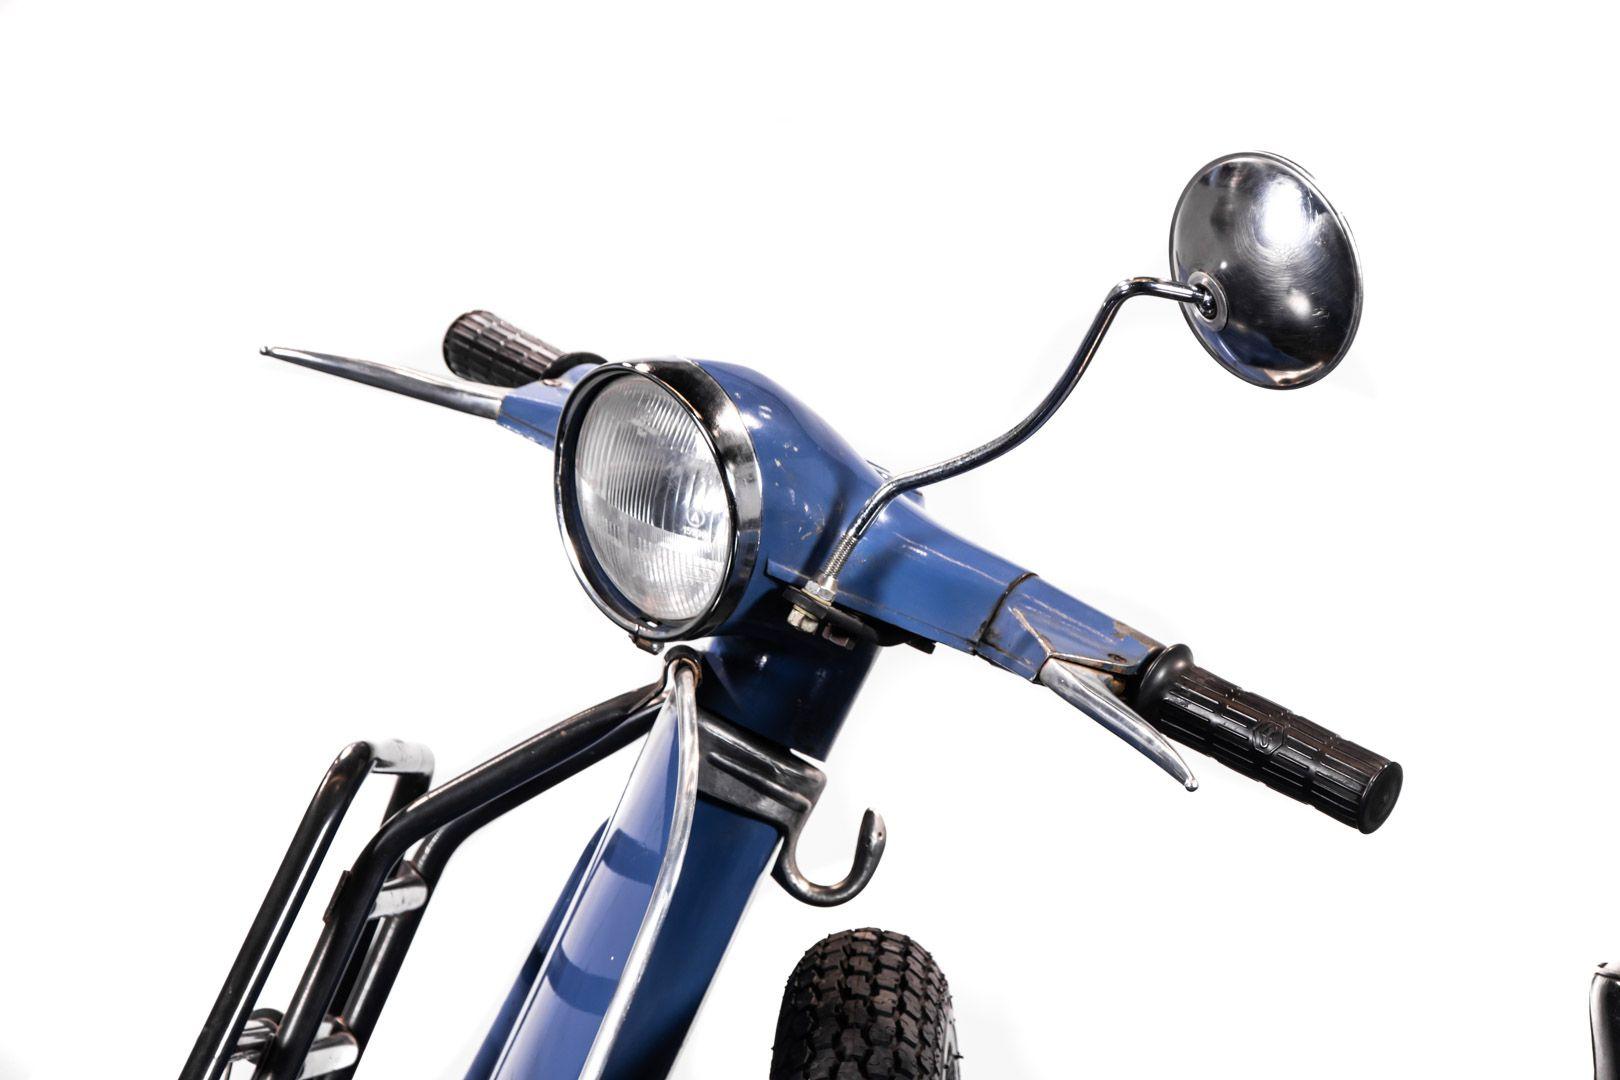 1974 Piaggio Vespa 50 3 marce 83496